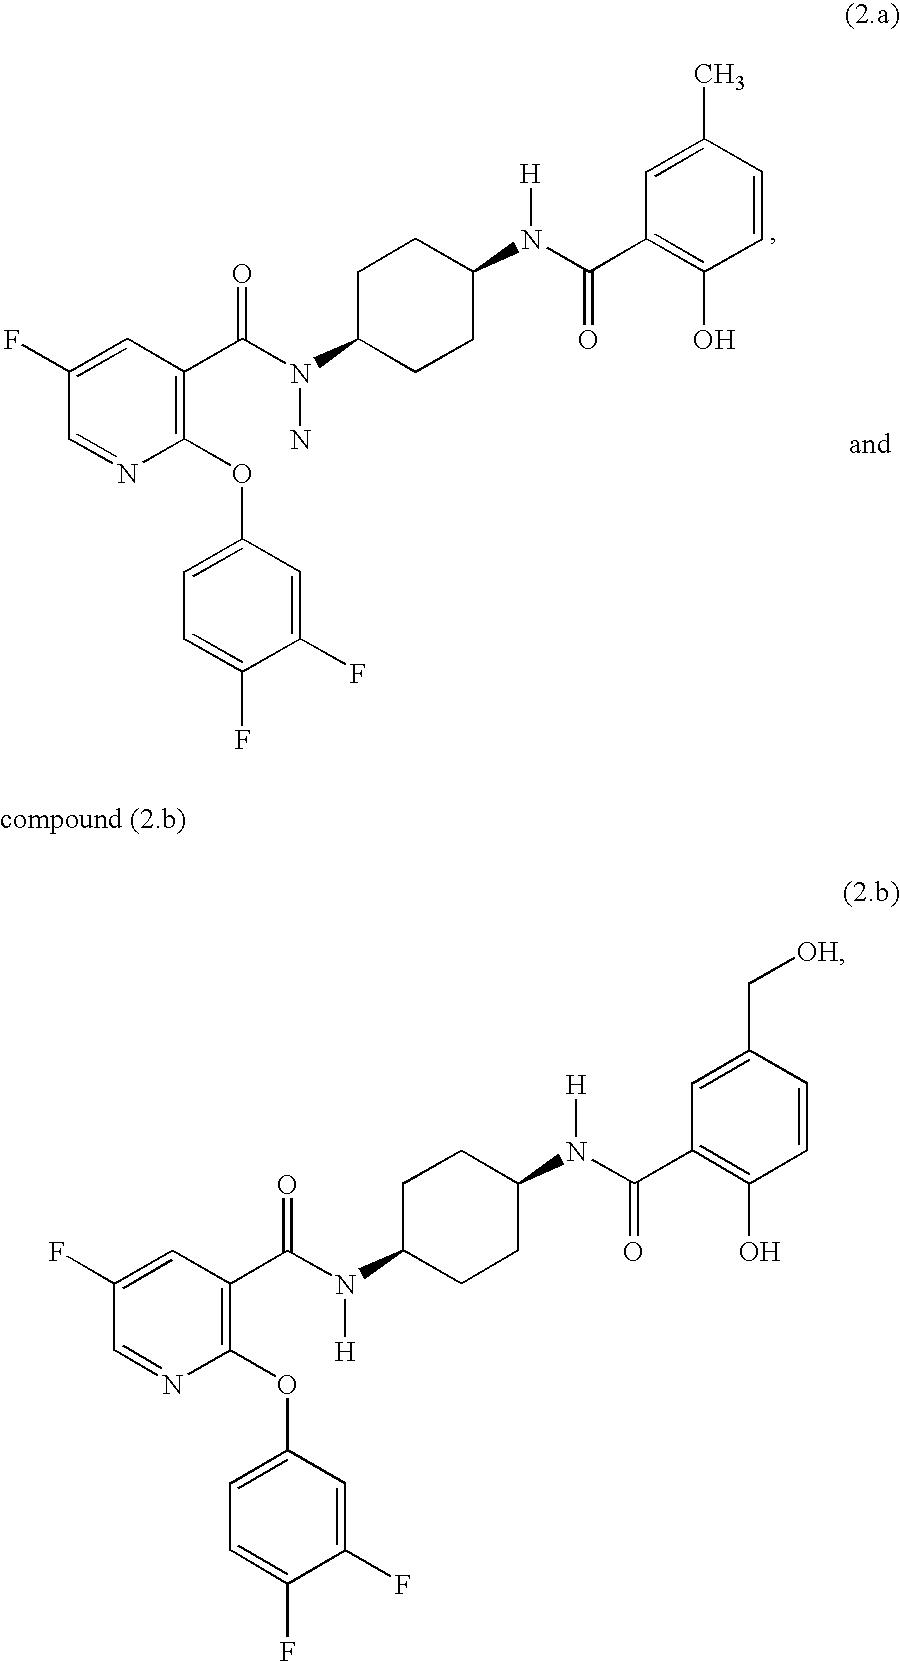 Figure US20050043343A1-20050224-C00004